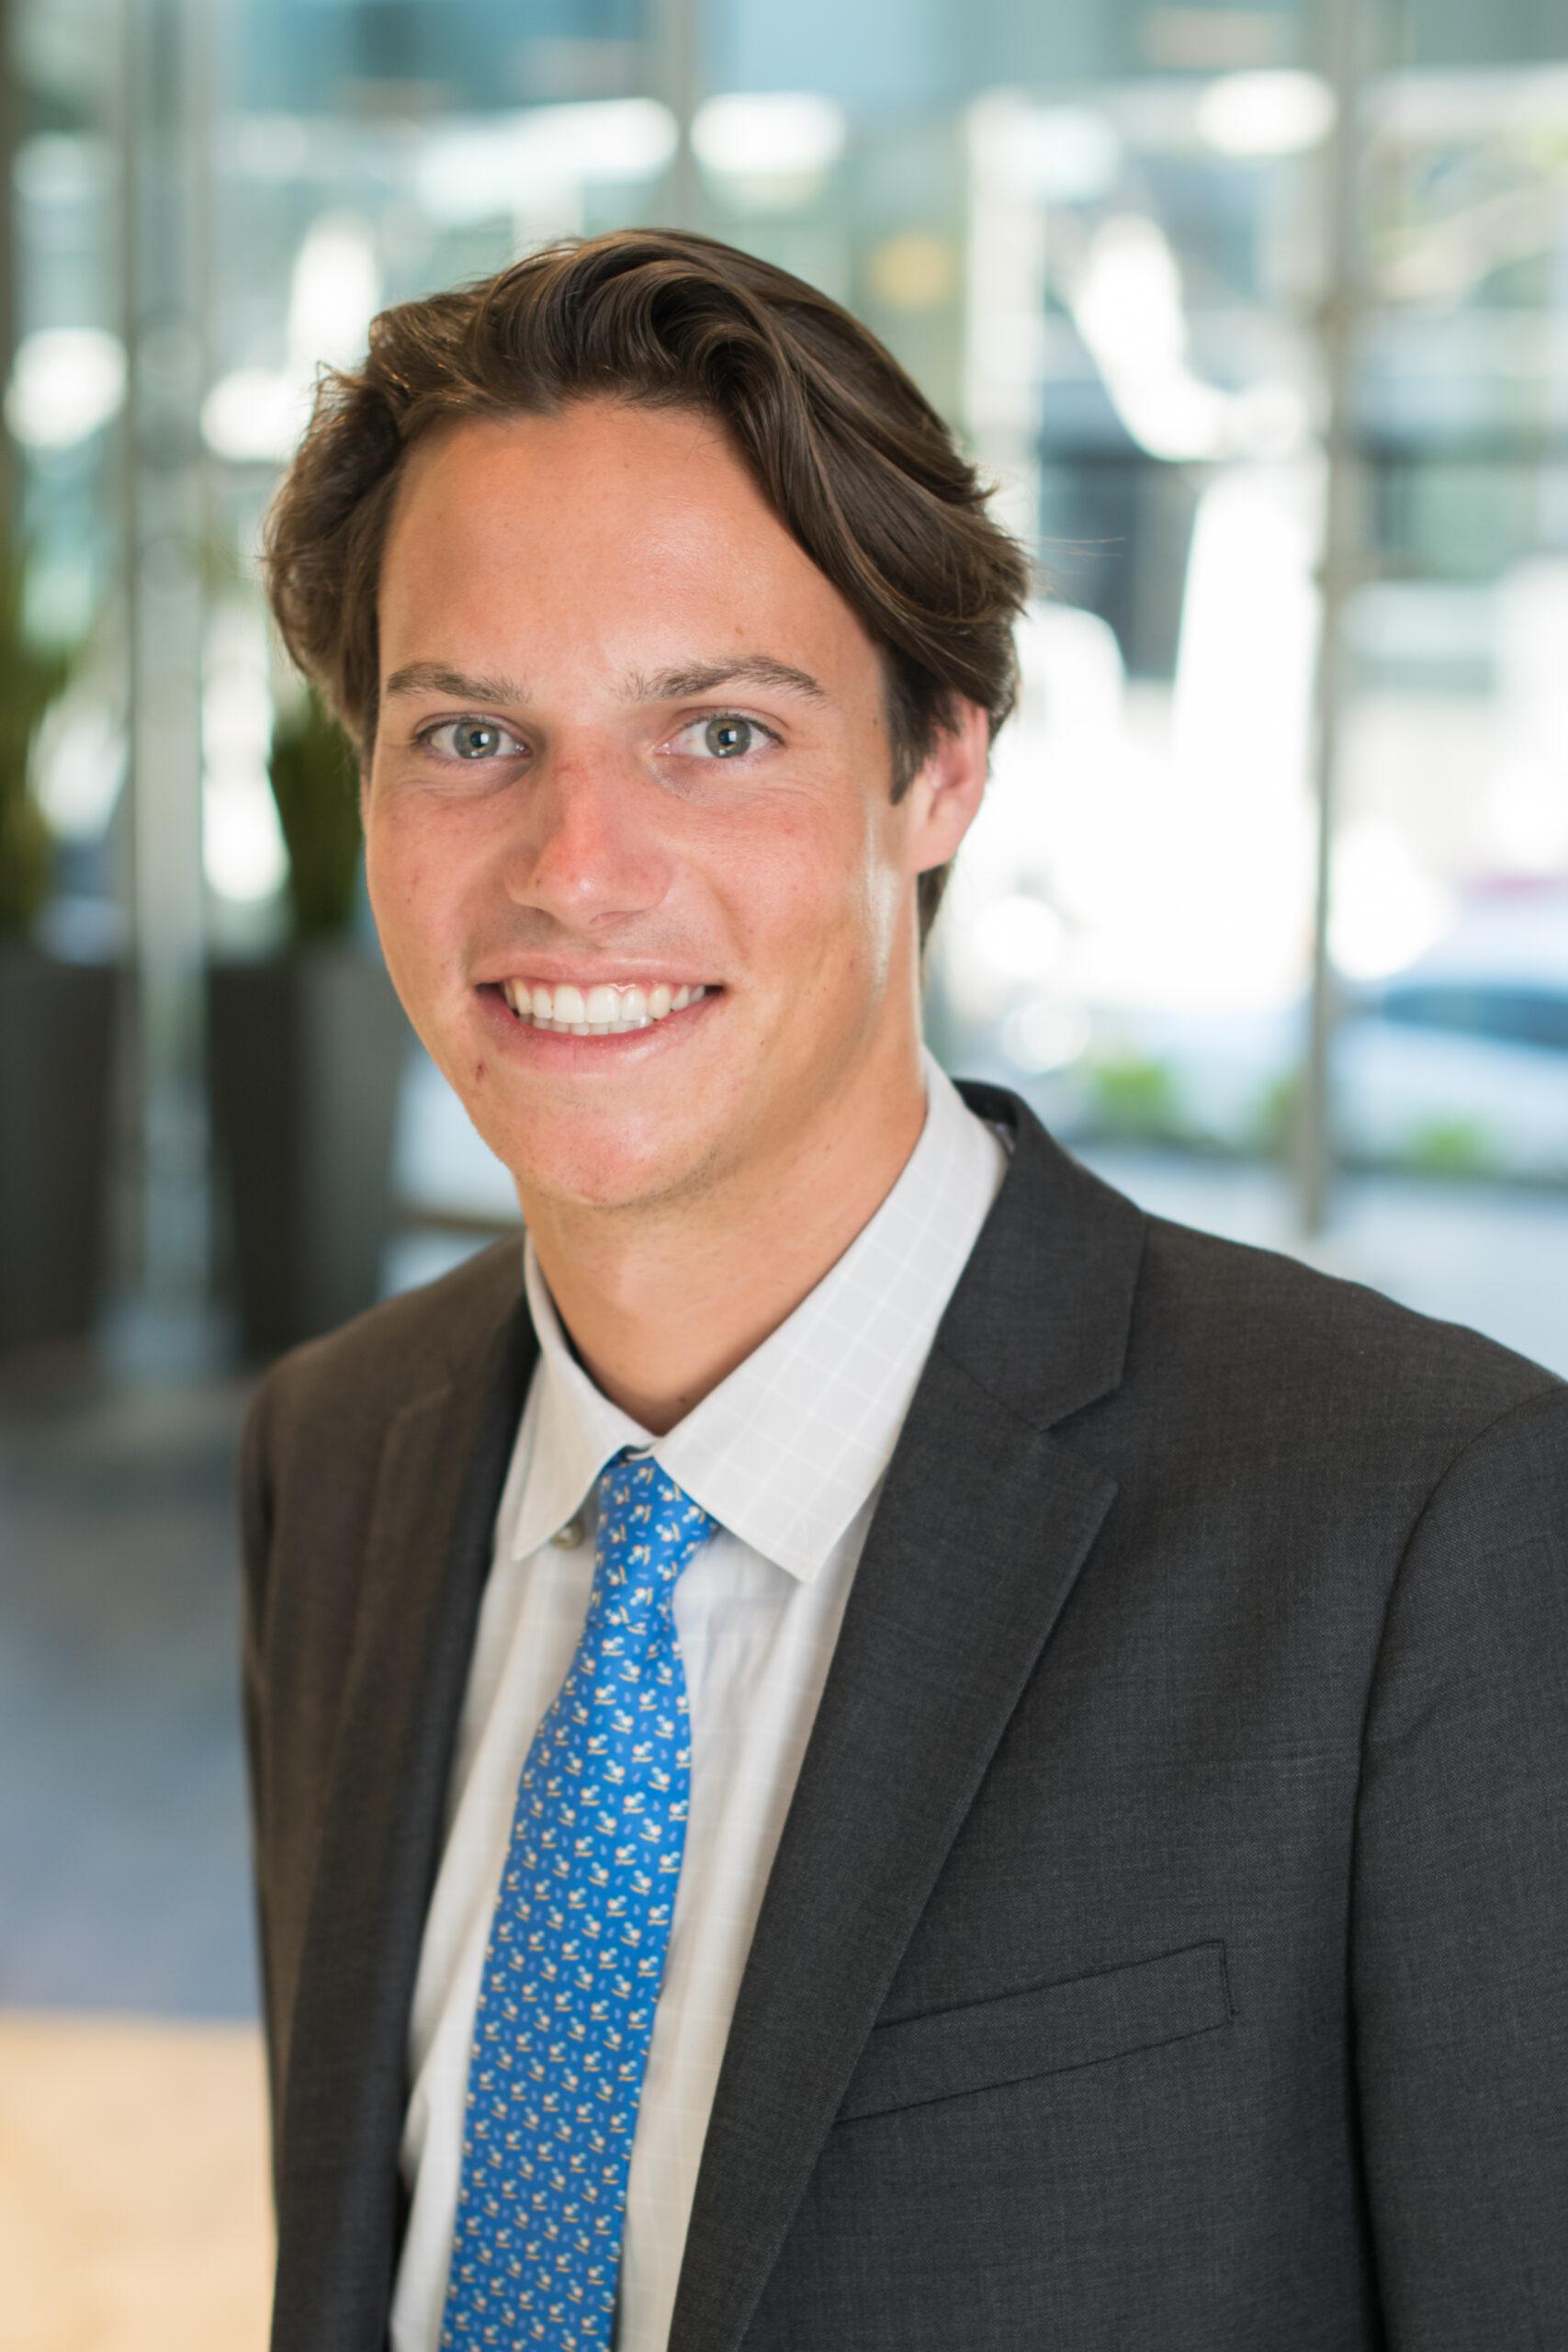 Nicholas Schroeder